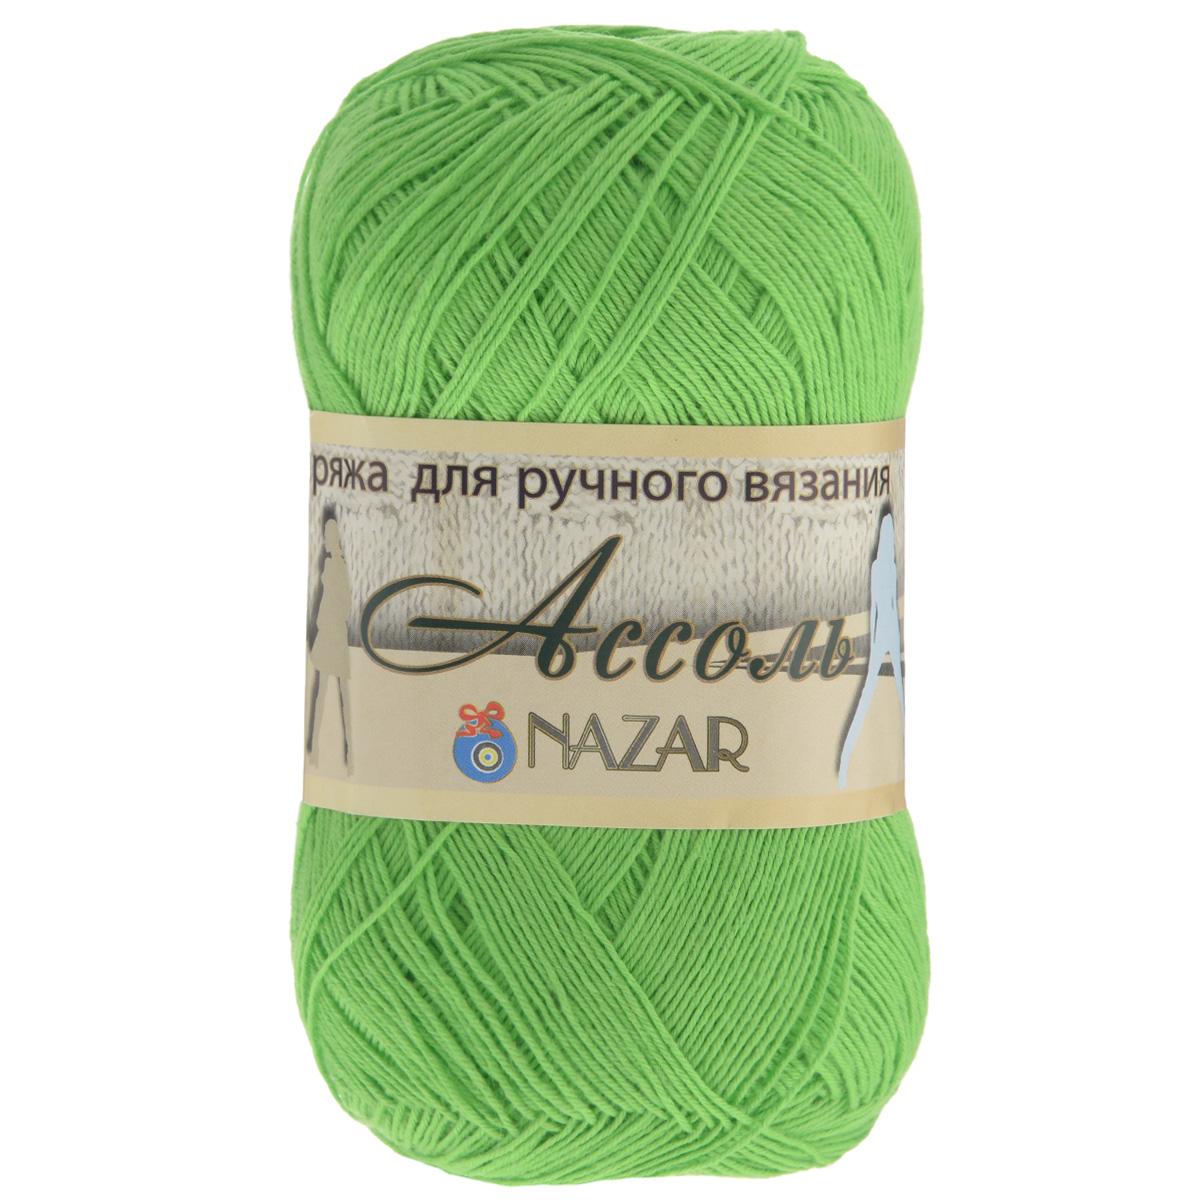 Пряжа для вязания Nazar Ассоль, цвет: салатовый (1605), 500 м, 50 г, 10 шт349025_1605Nazar Ассоль - это превосходная пряжа, изготовленная из 100% хлопка. Пряжа не имеет эффекта ваты и позволяет вязать ажурные летние изделия спицами или крючком в 2 сложения или теплые вещи в 4-5 сложений. Из такой пряжи хорошо смотрятся рельефные узоры. Рекомендуемые спицы 2 мм, крючок 2 мм. Количество мотков: 10 шт. Состав: 100% хлопок.